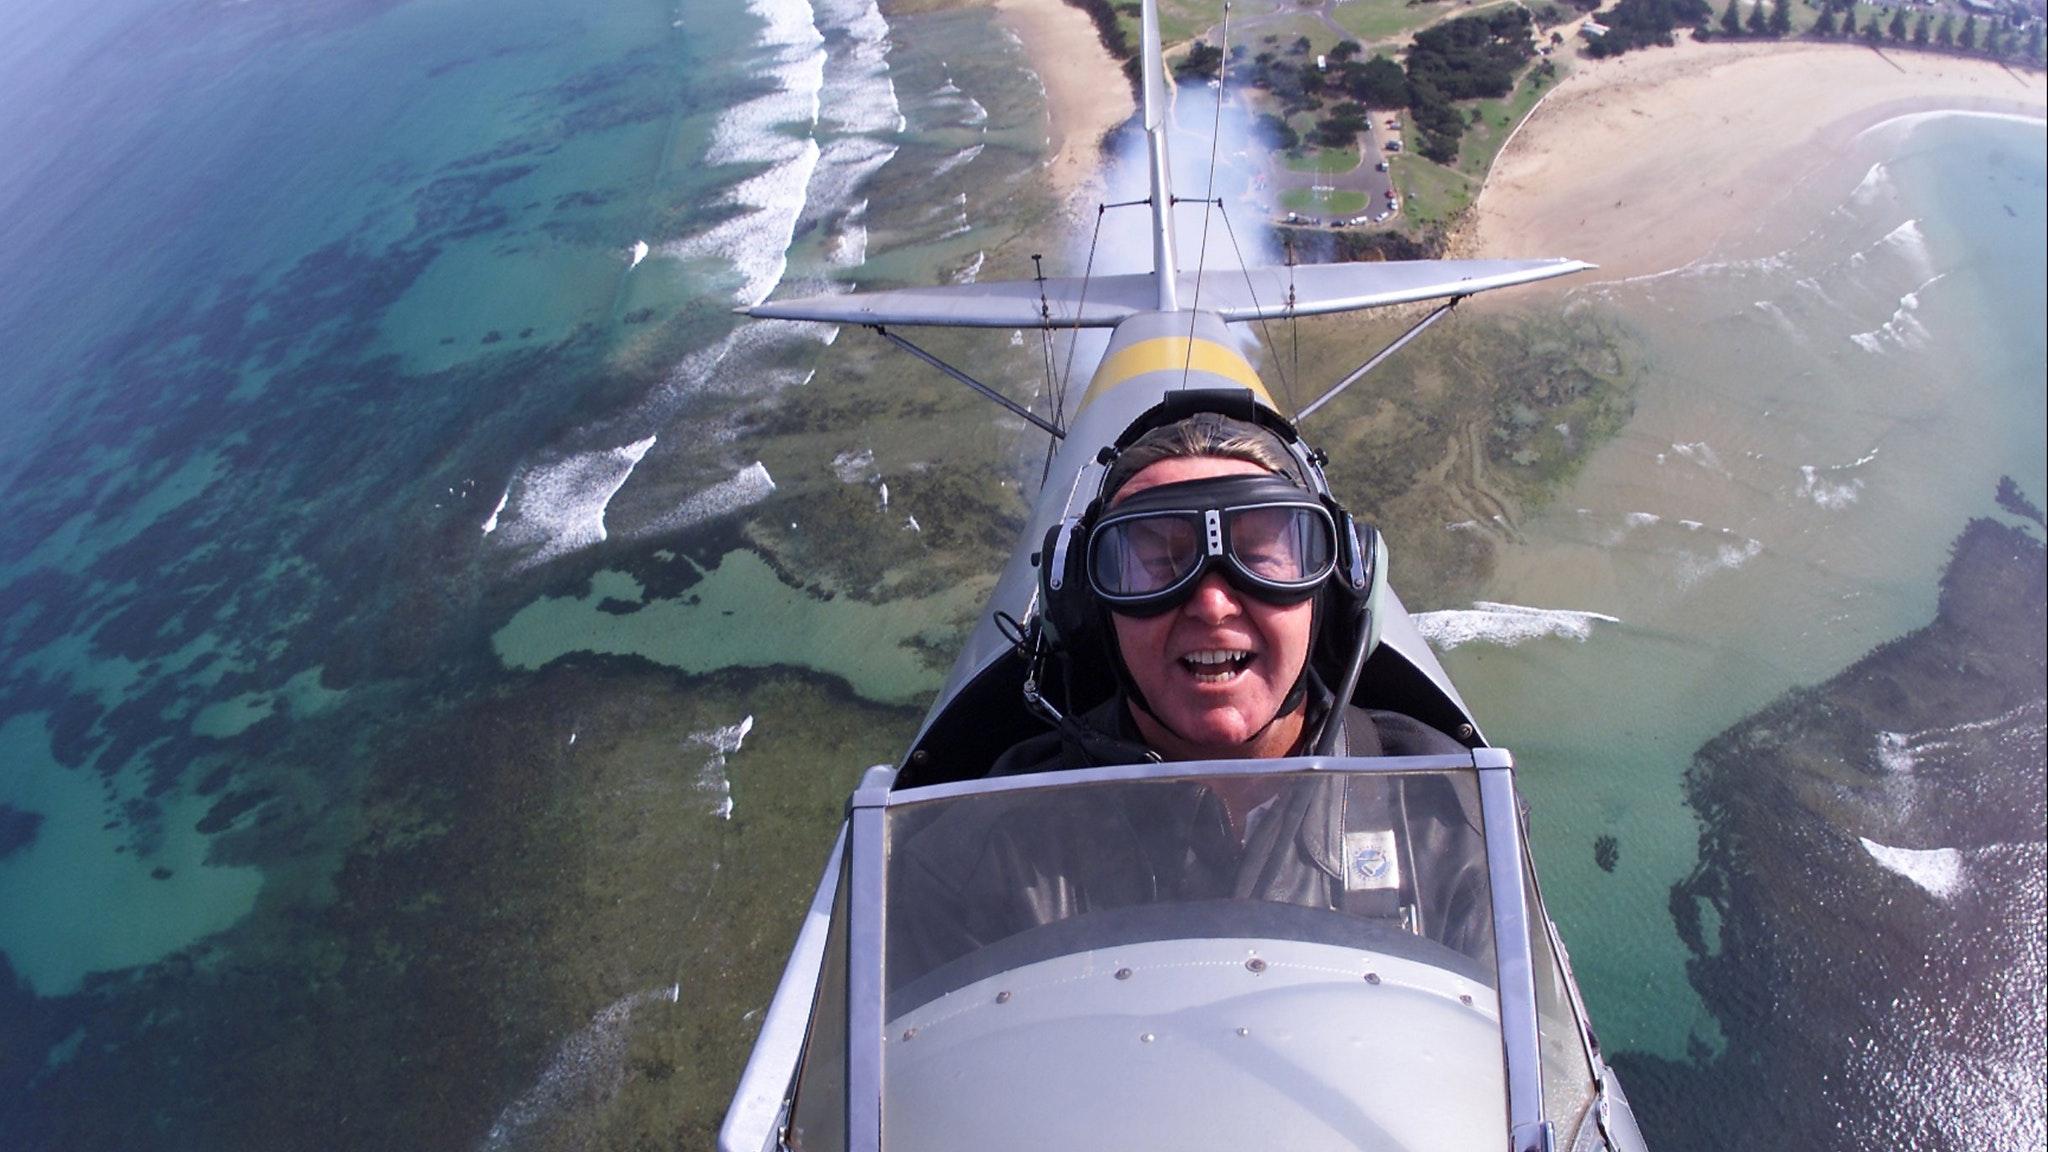 Tiger Moth World flight over Torquay